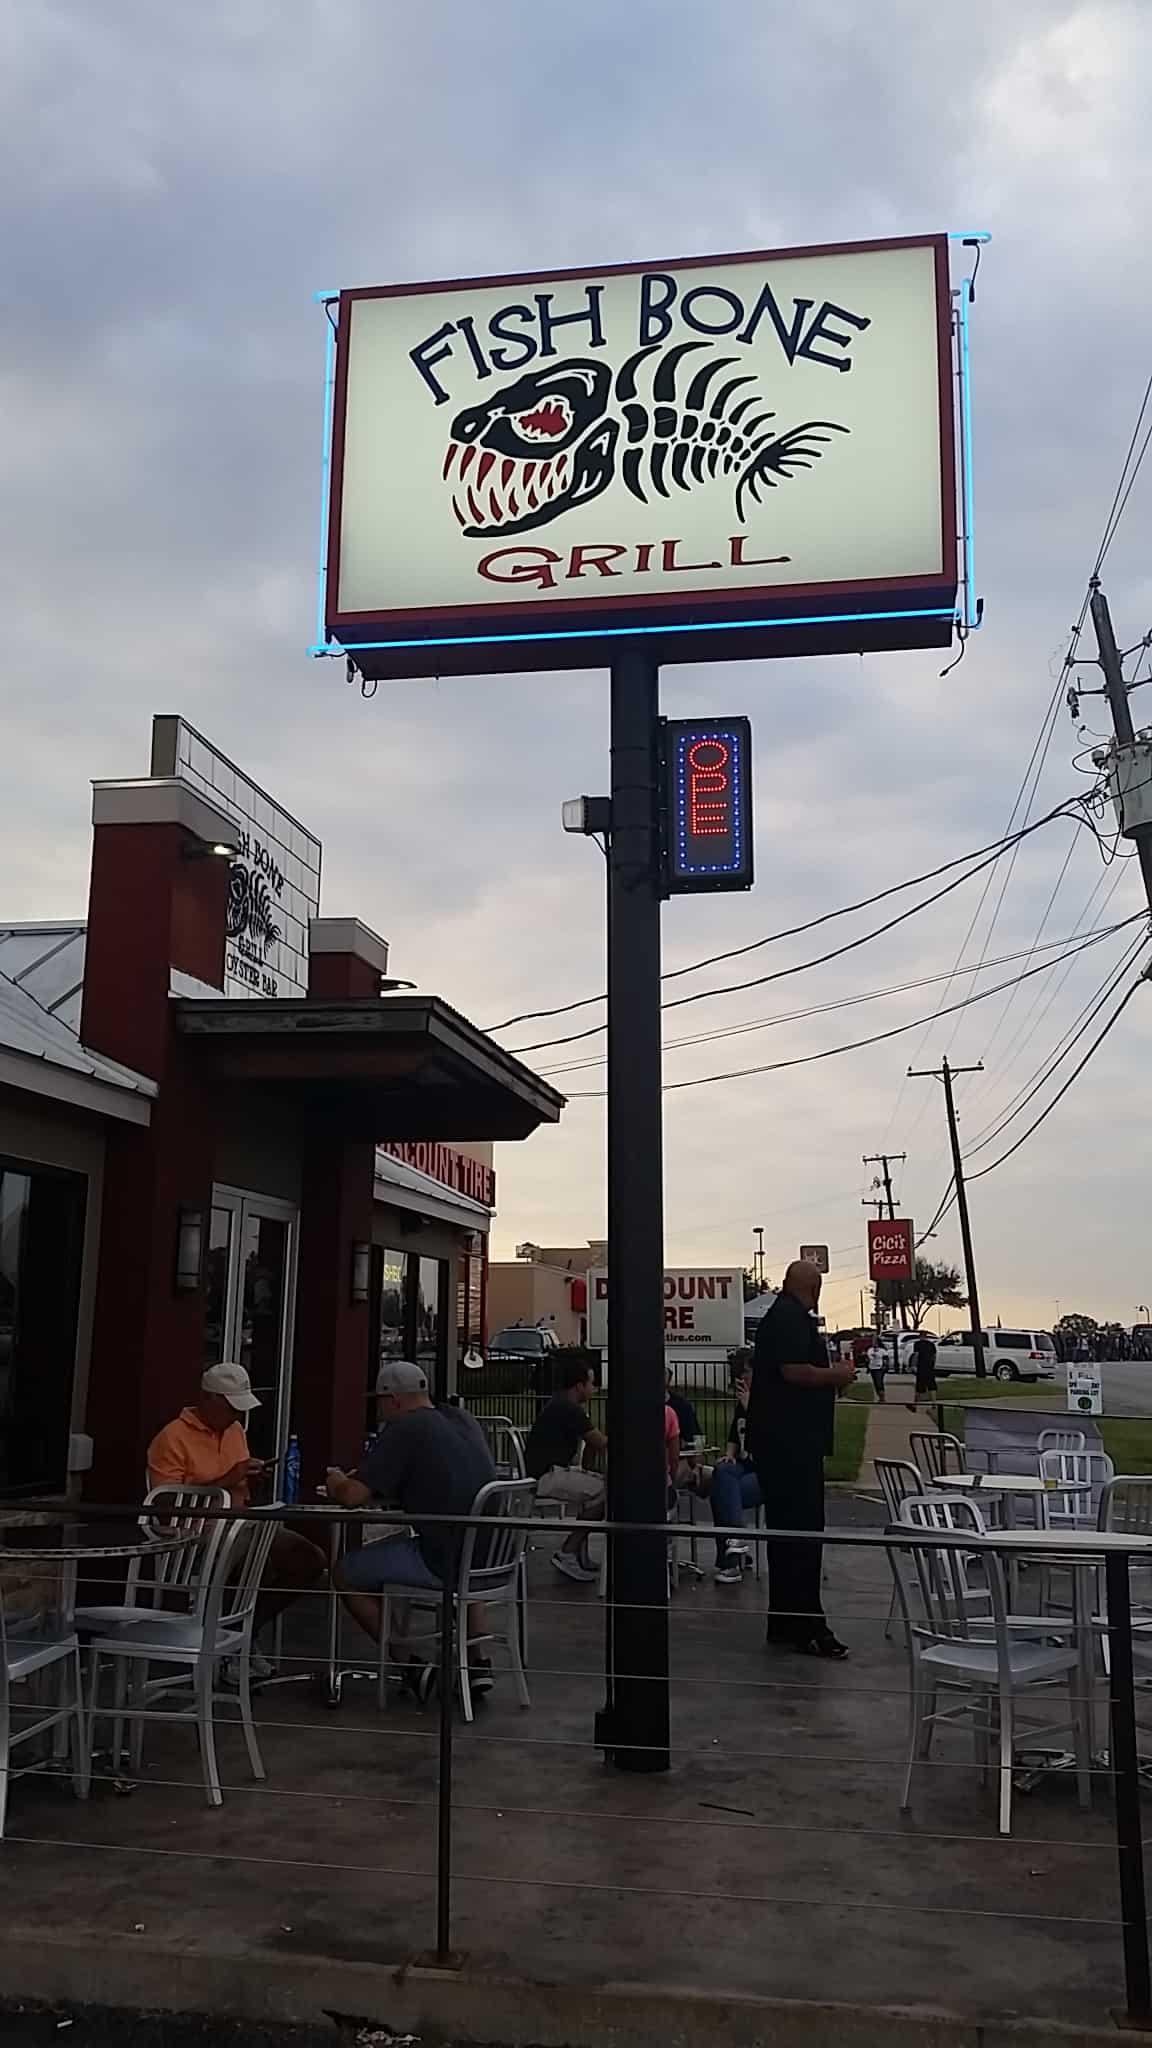 Dallas cowboys tailgate party with verizon wireless for Fish bone grill dallas